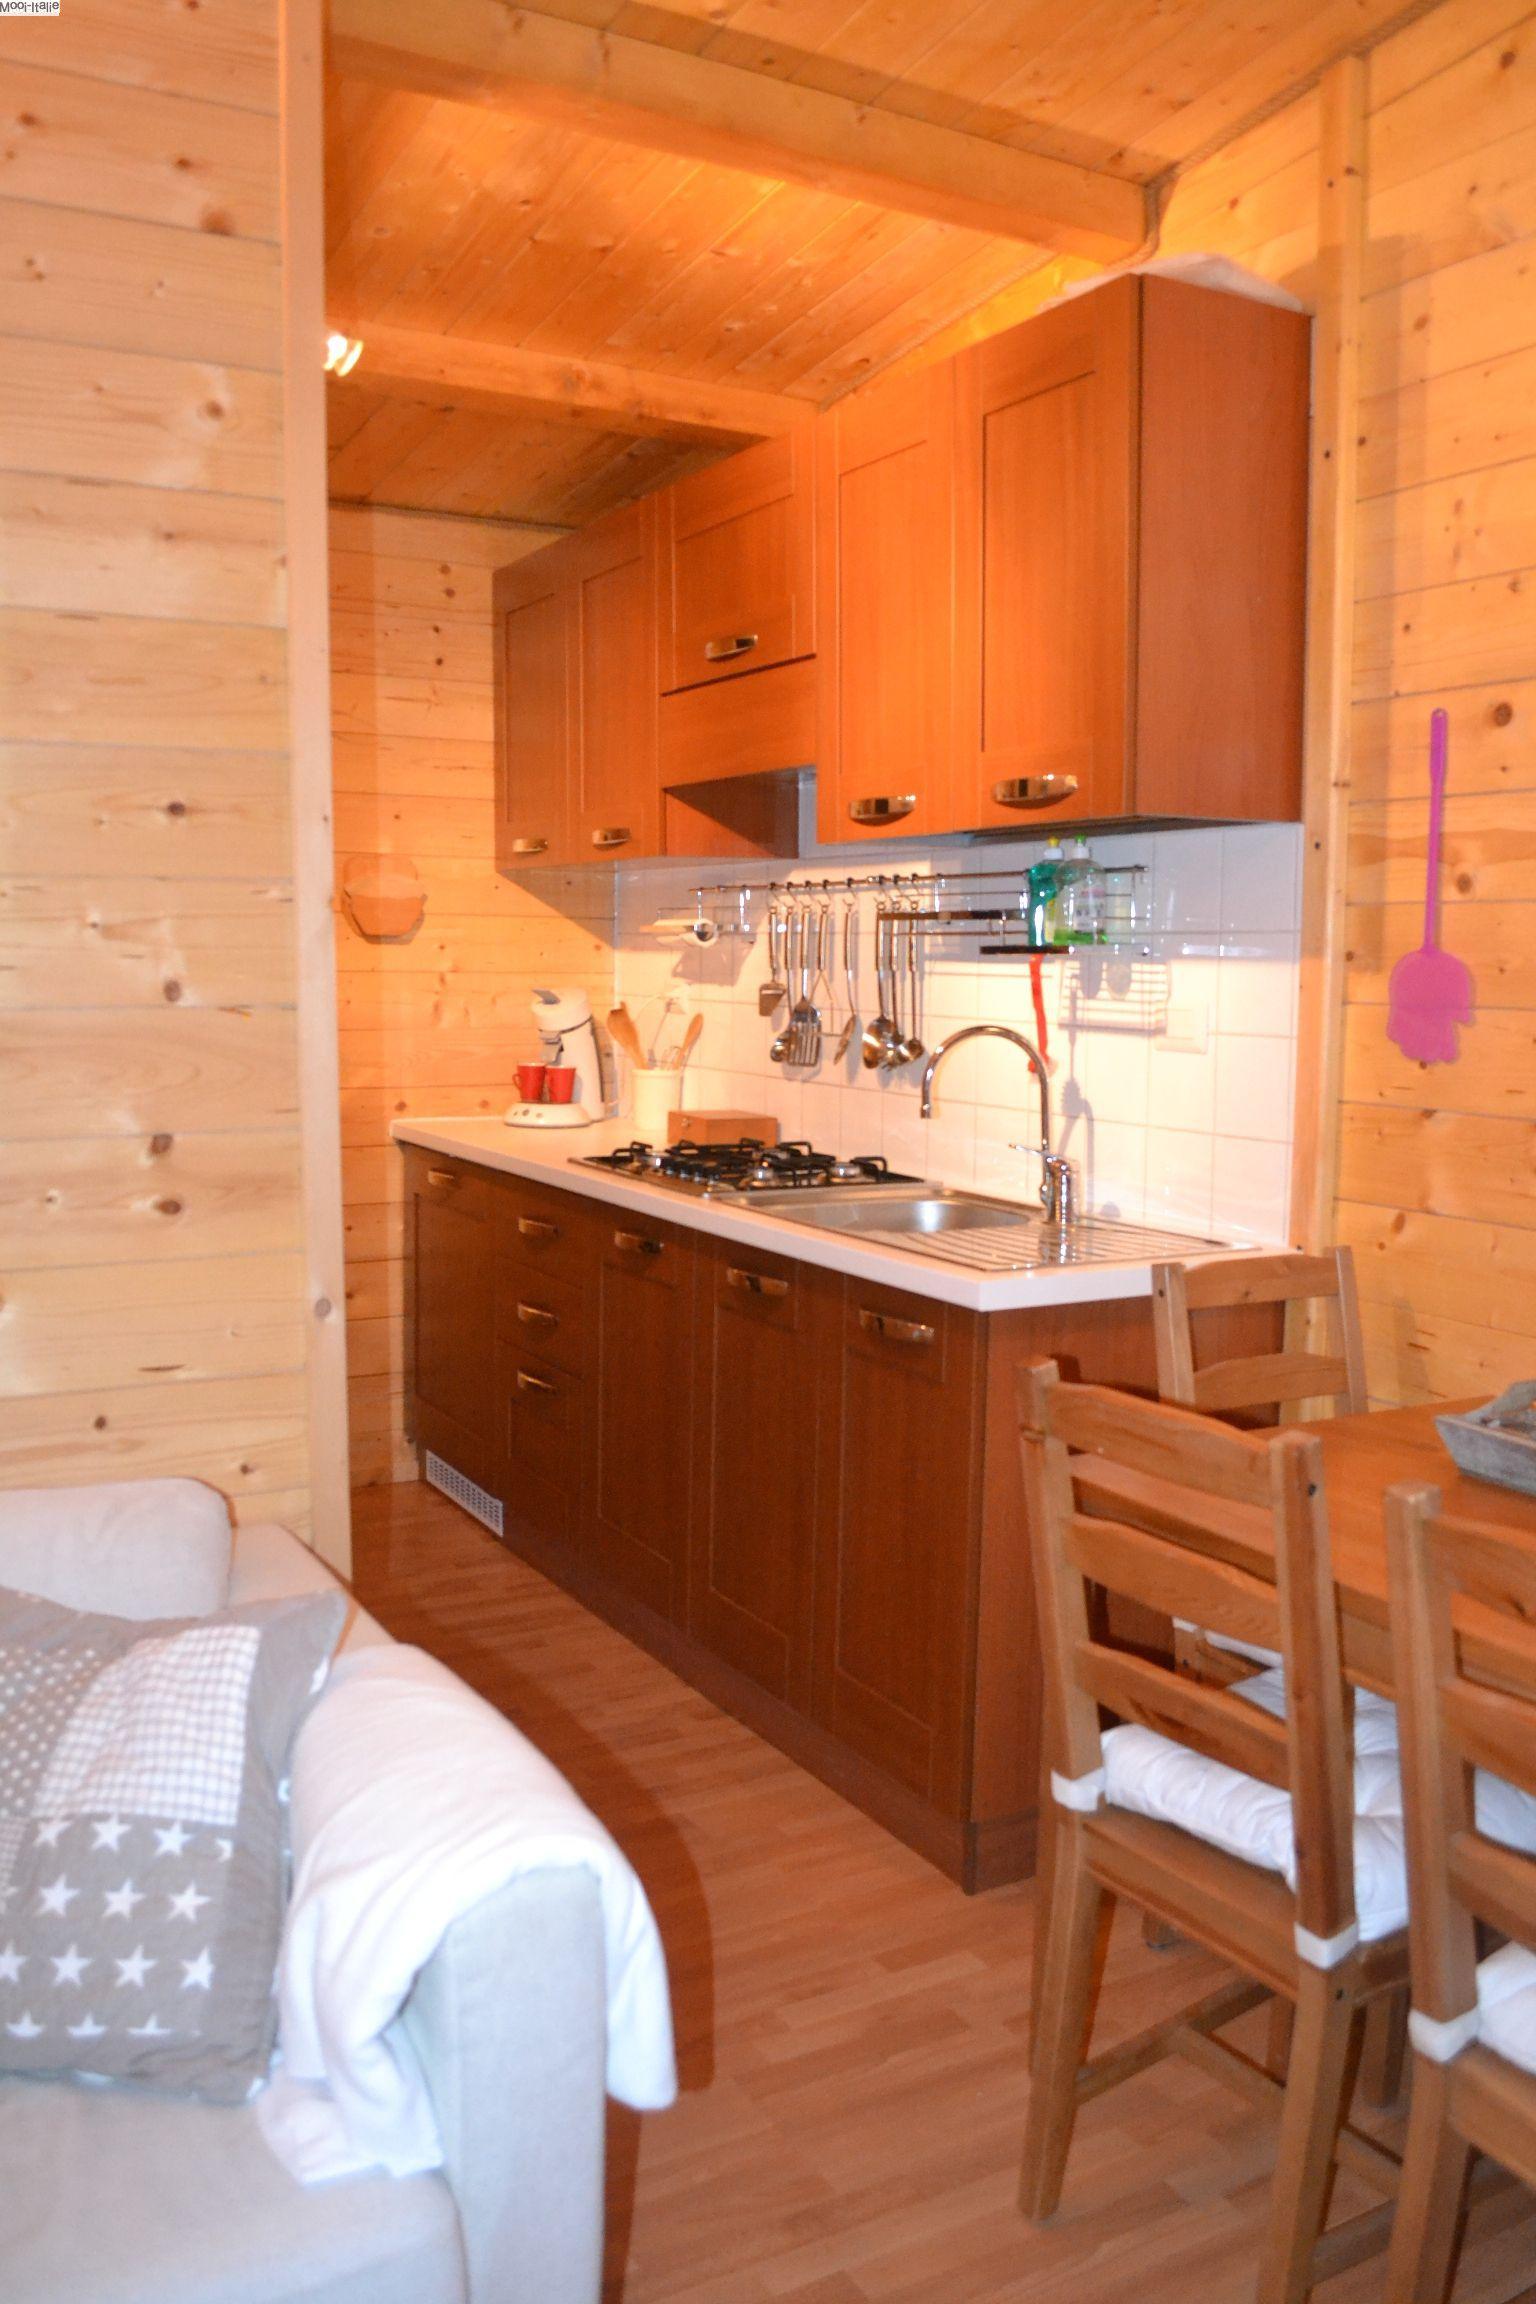 Torino 10 - keuken